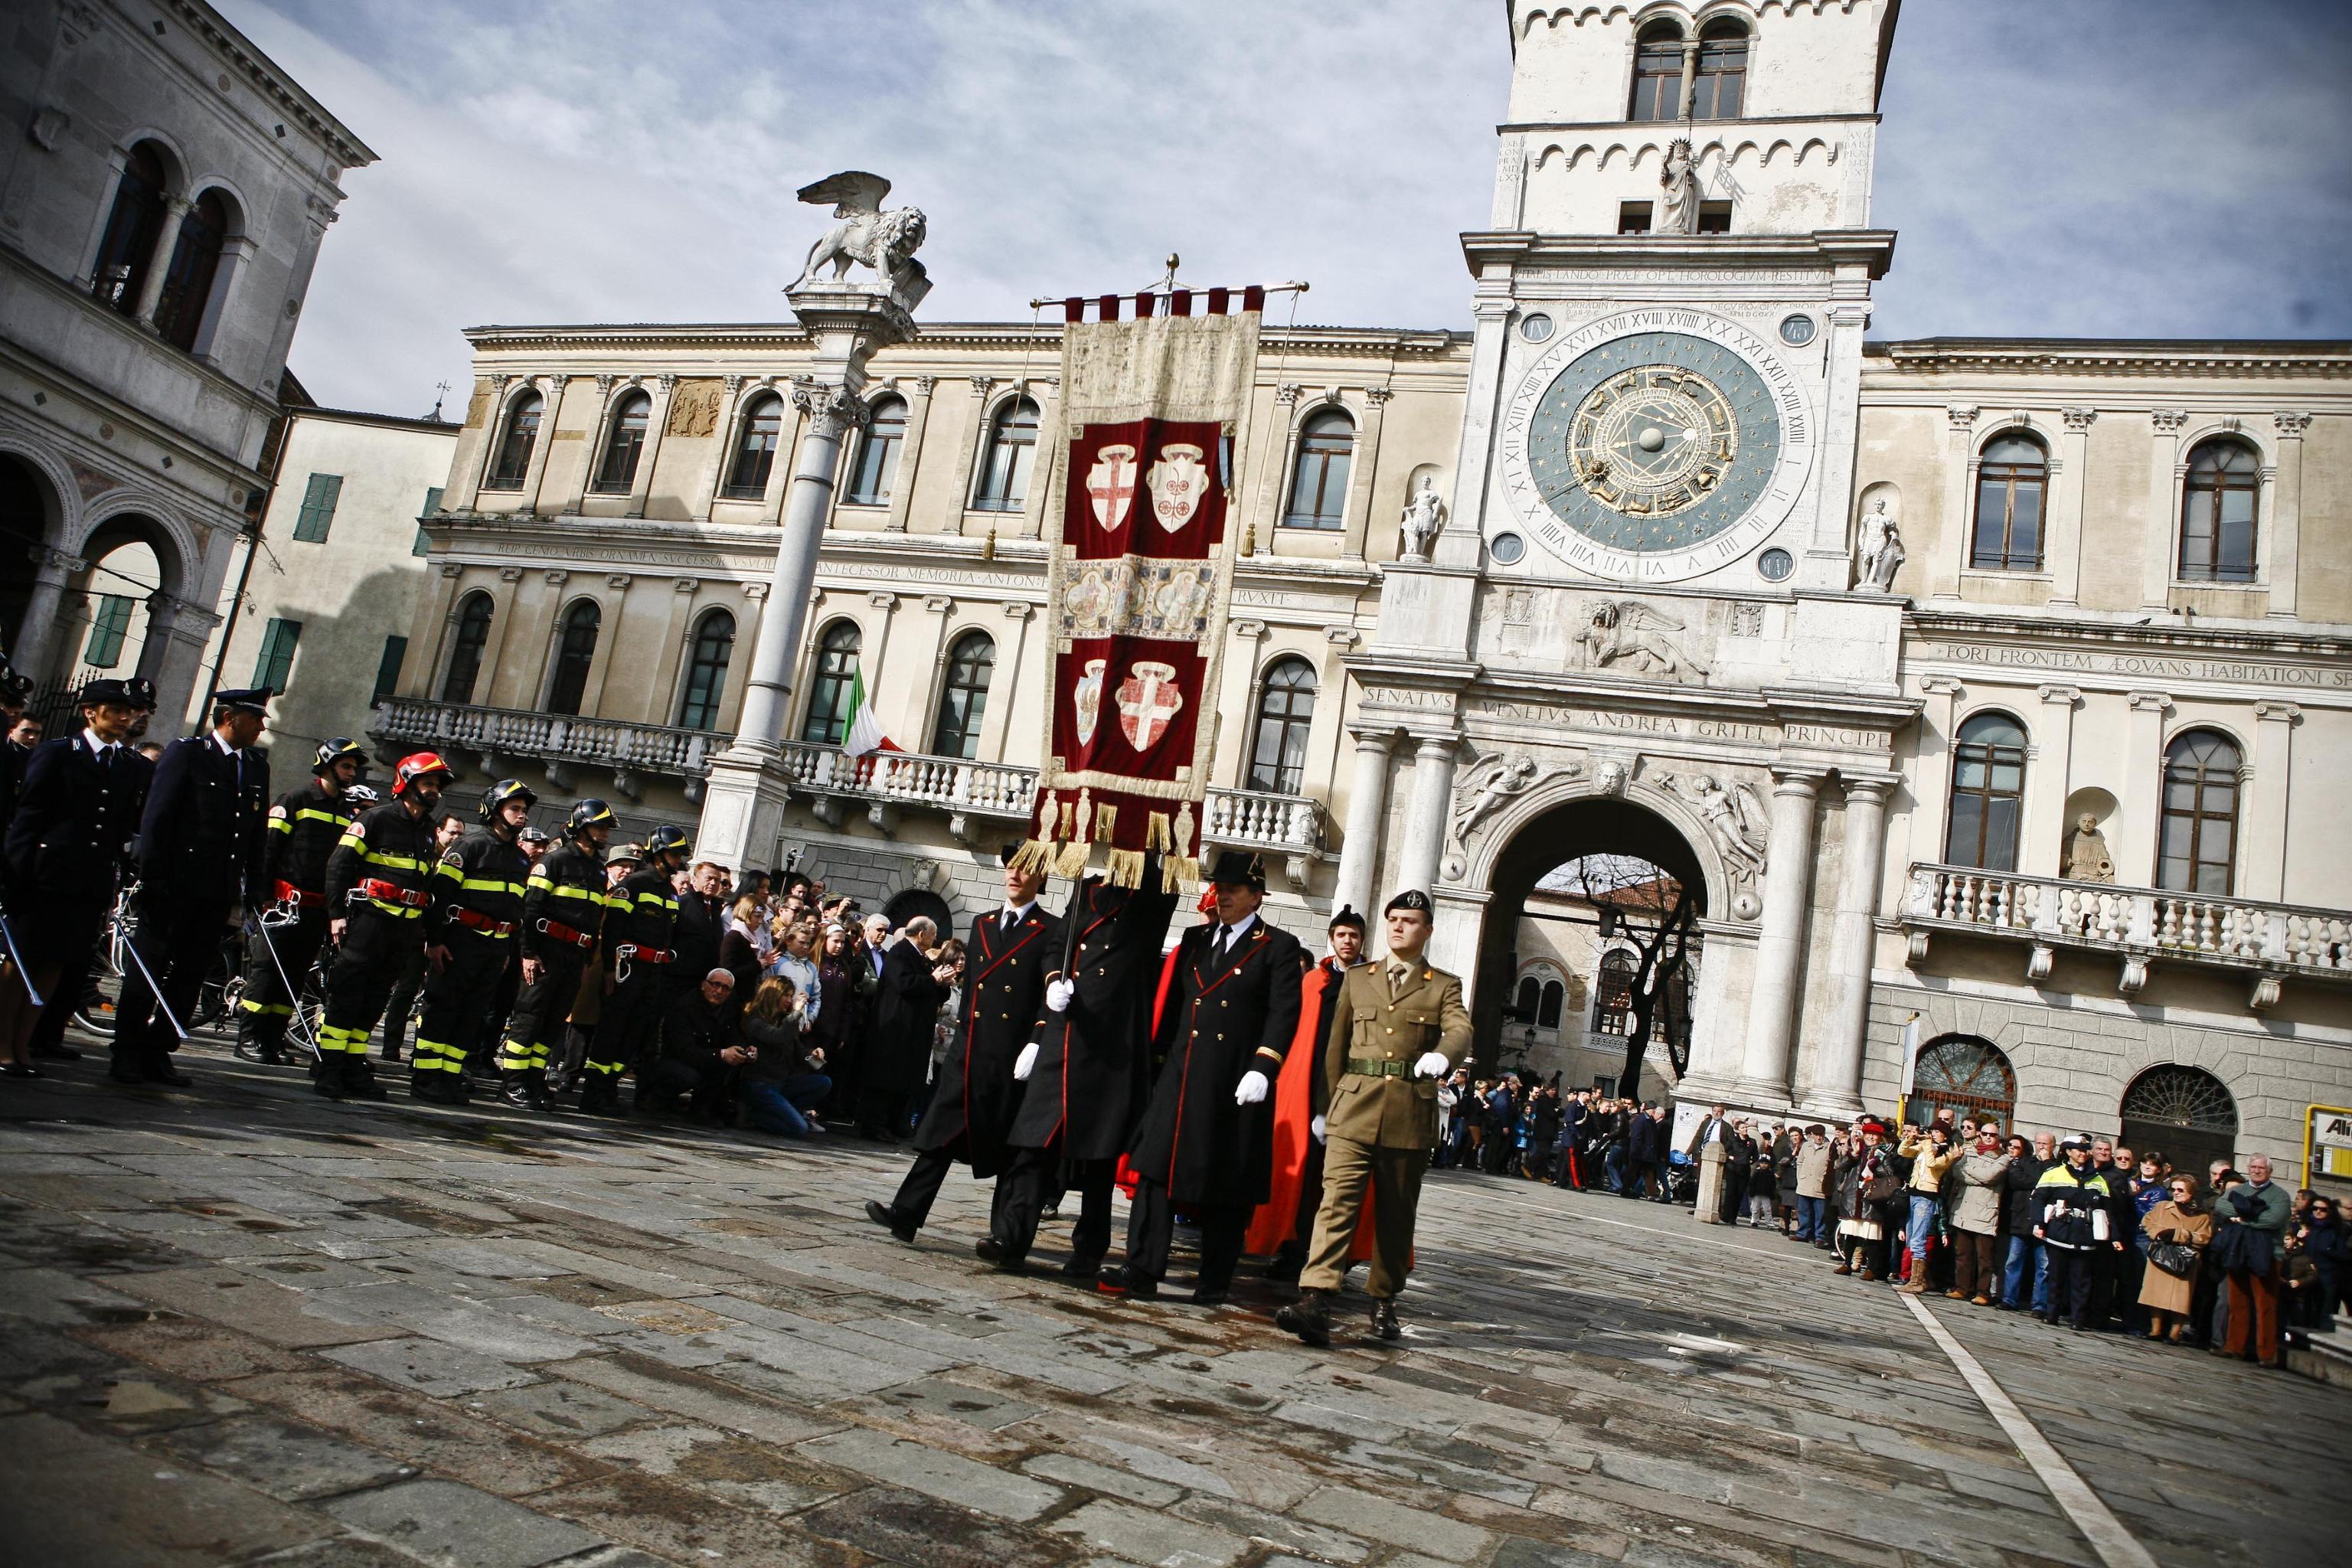 Arwu le migliori universit del mondo male le italiane for Migliori universita mondo